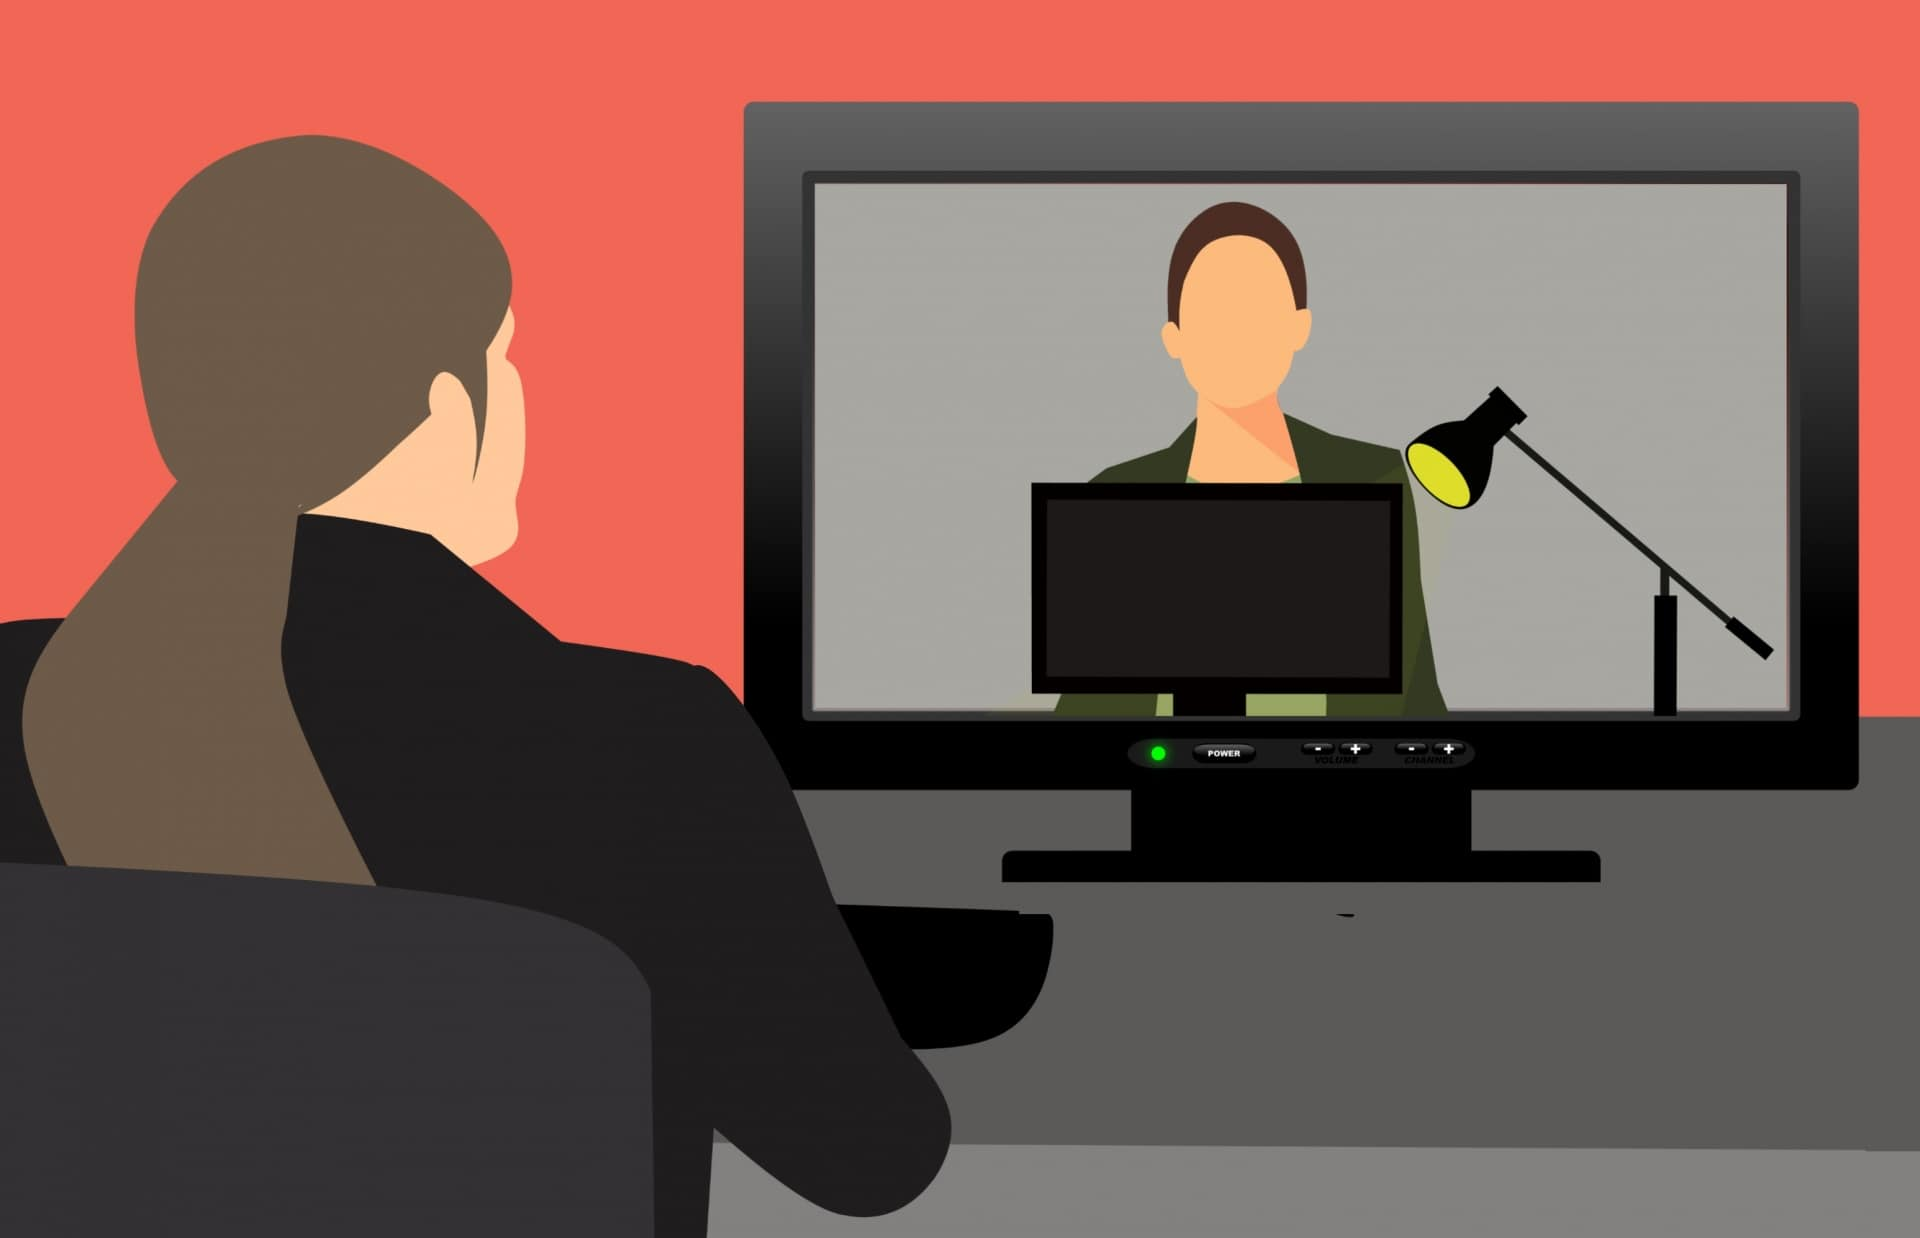 video-conference konferenz videokonferenz hintergund videohintergrund telkowand video call facetime skype zoom meeting gotomeeting telkowand videohintergund für videocall